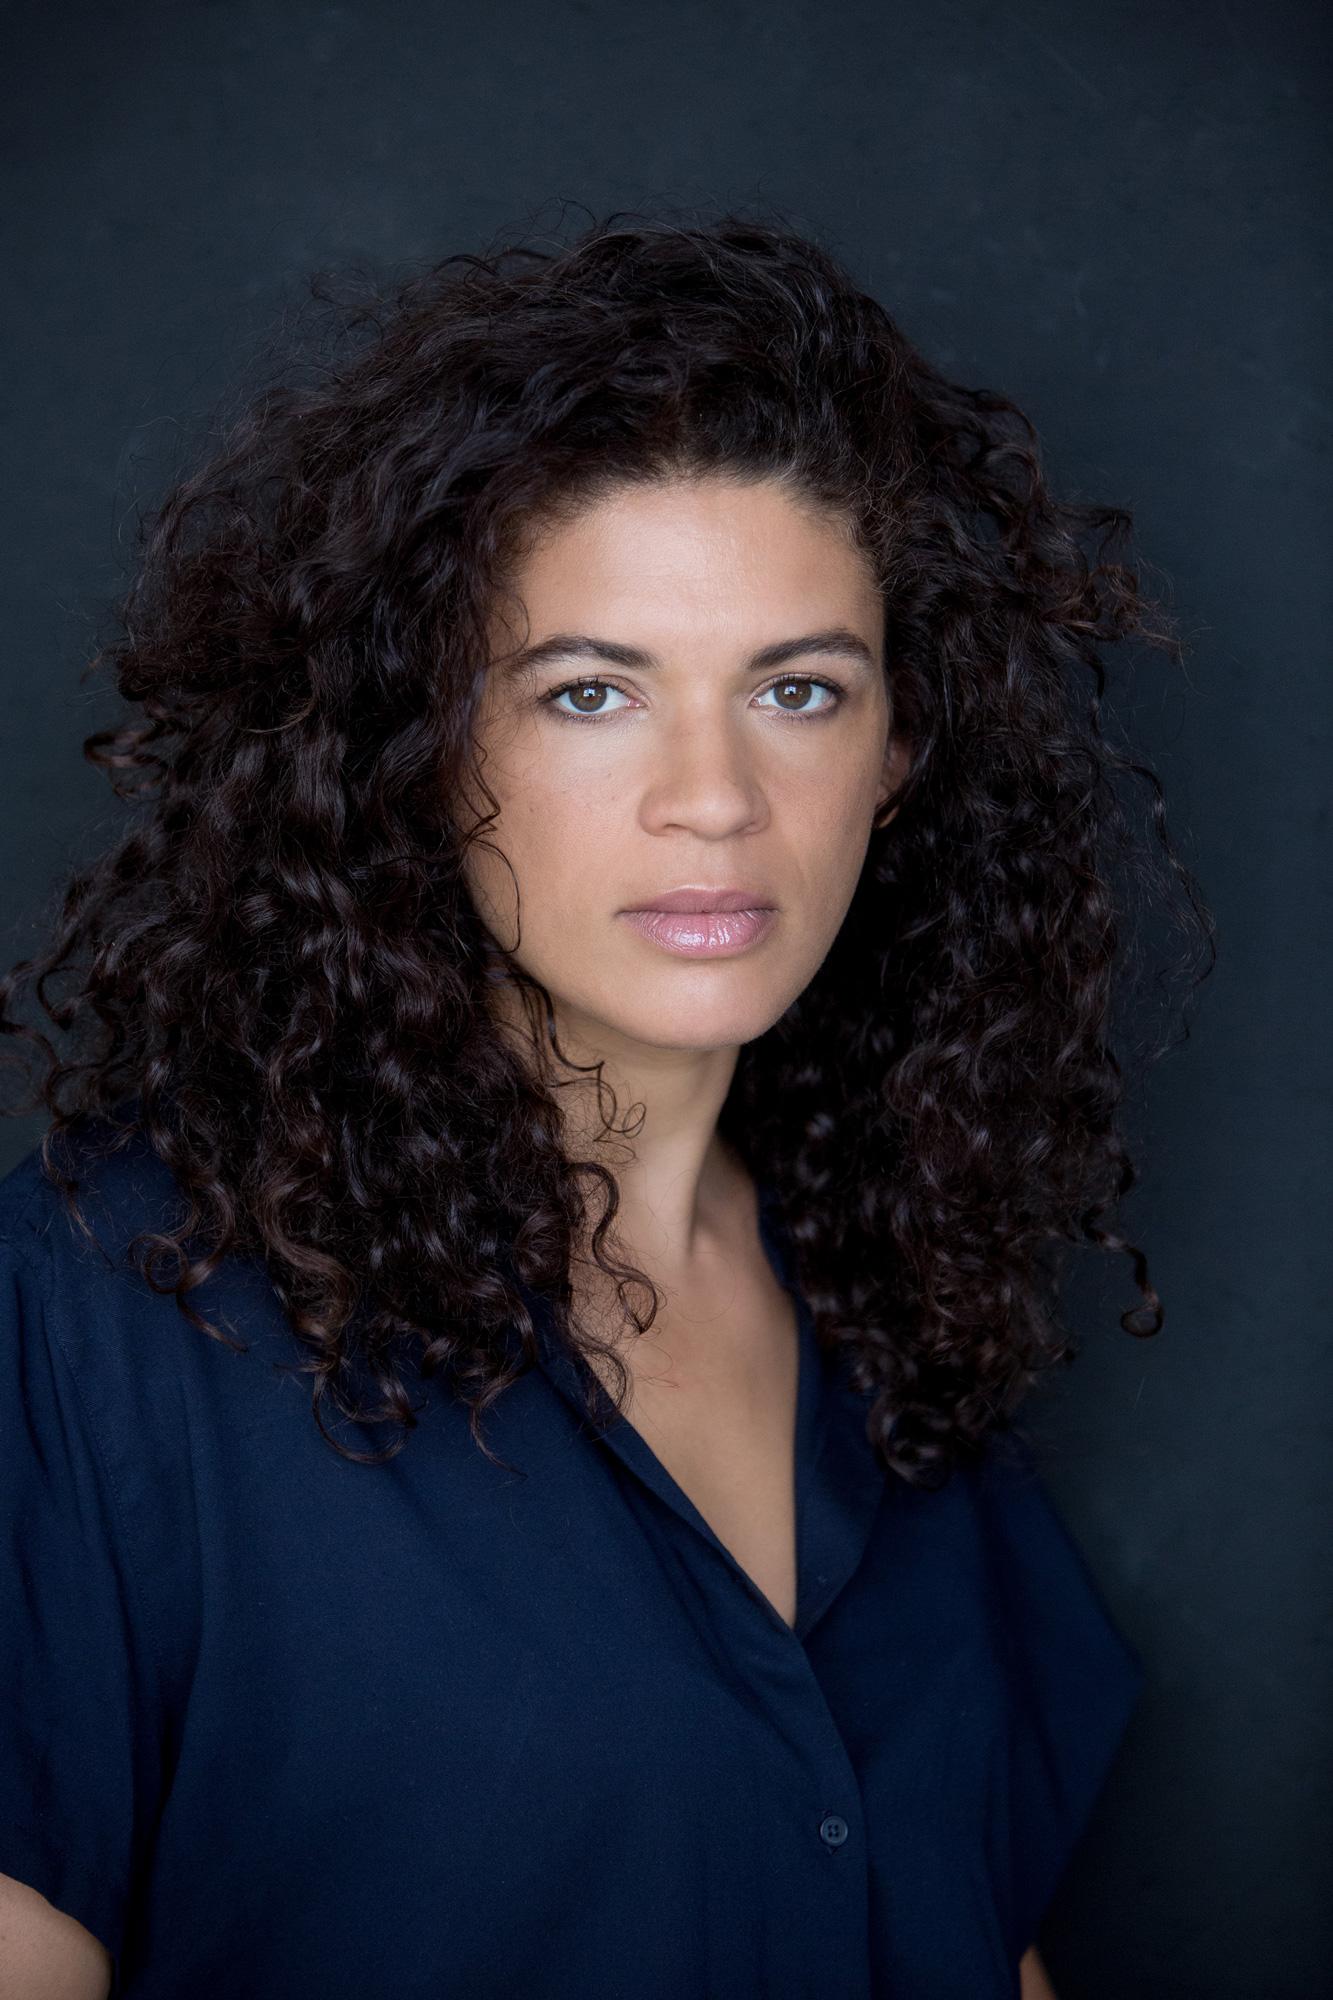 Isabelle Redfern